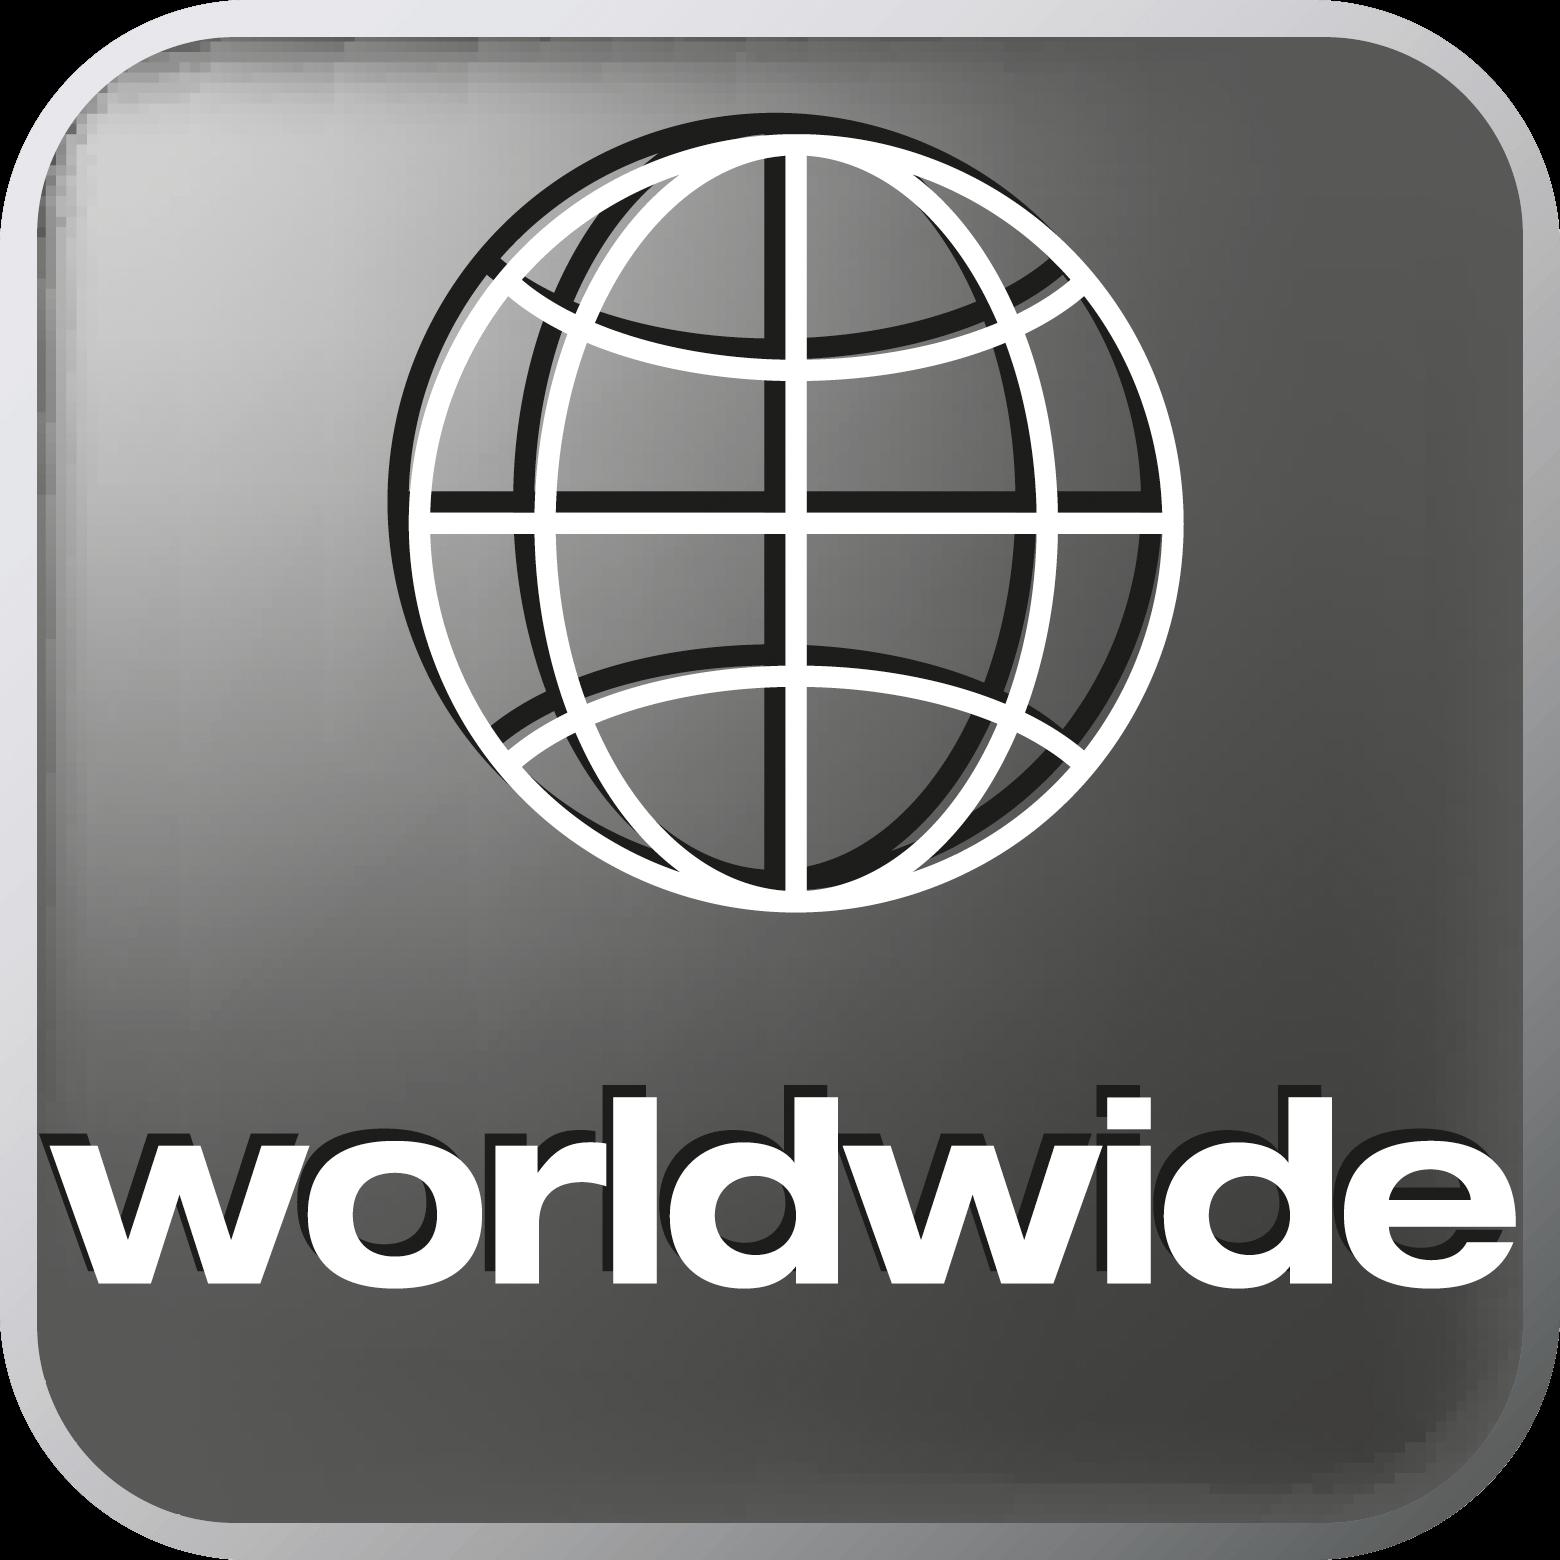 https://cdn-reichelt.de/bilder/web/xxl_ws/D400/WENT_WORLDWIDE.png